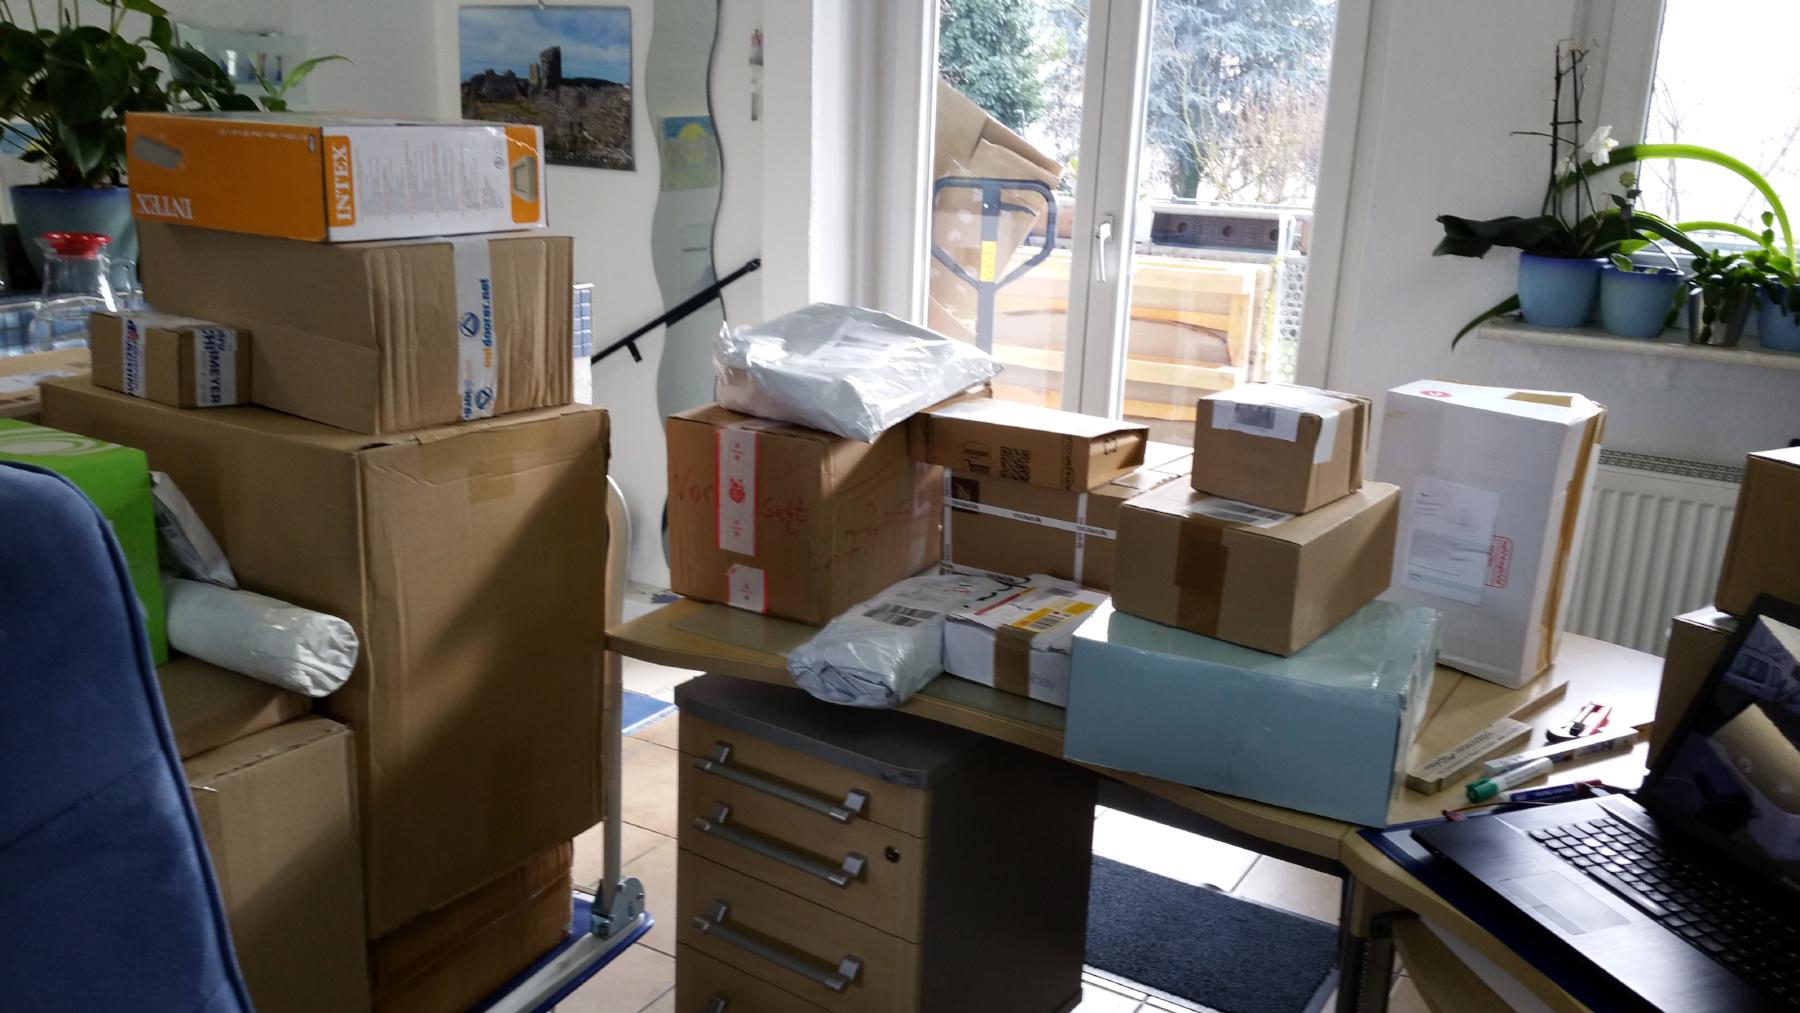 Postlizenz für Briefe bis 1000g, Pakete nur anzumelden - miradlo Versanddepot, Lieferadresse Konstanz und Randegg